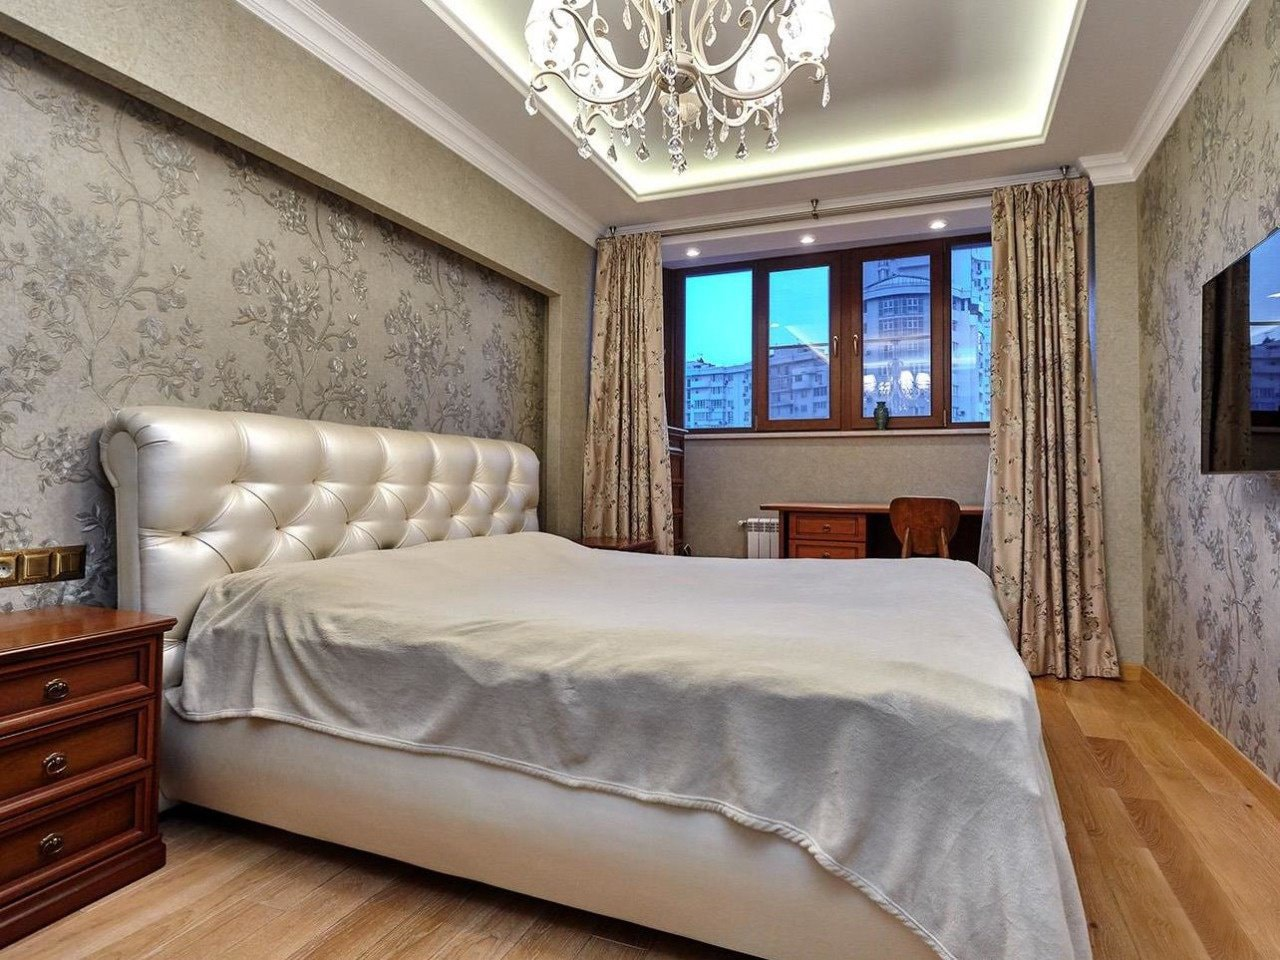 Отделка стен спальни флизелиновыми обоями